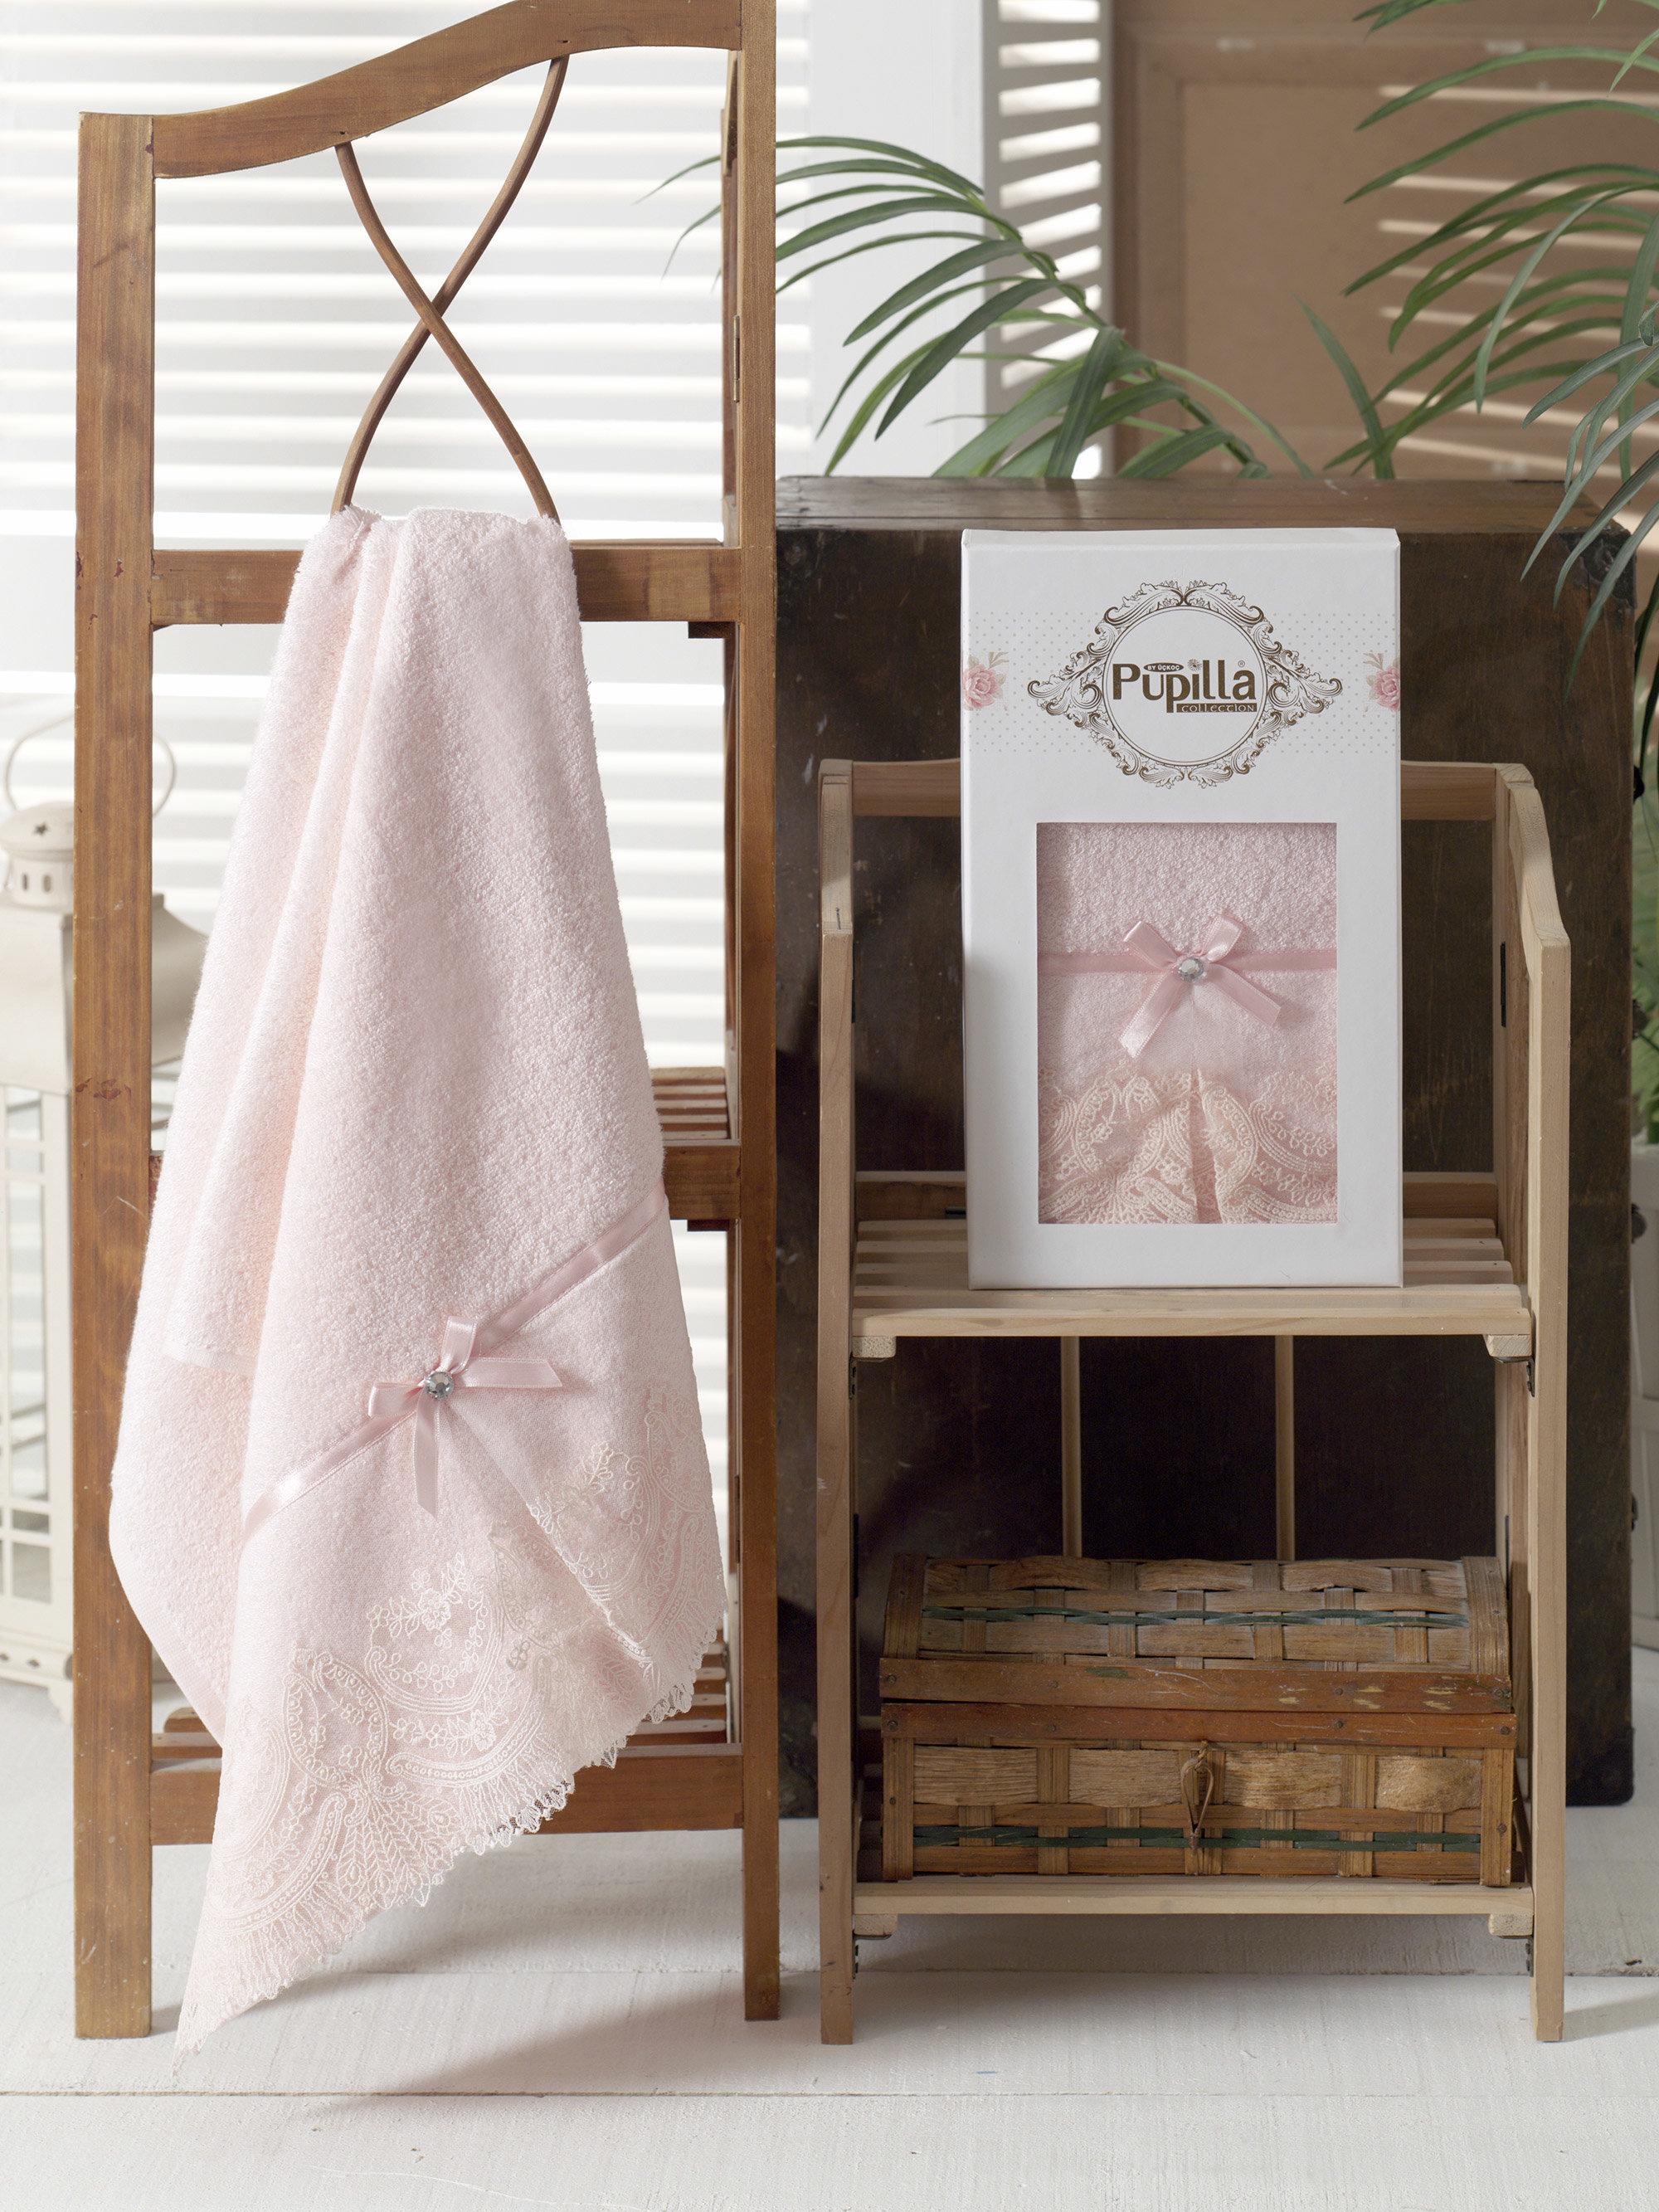 Полотенца Pupilla Полотенце Vita Цвет: Розовый (50х90 см) майка послеродовая nuova vita бесшовная цвет белый 14972 размер xl 48 50